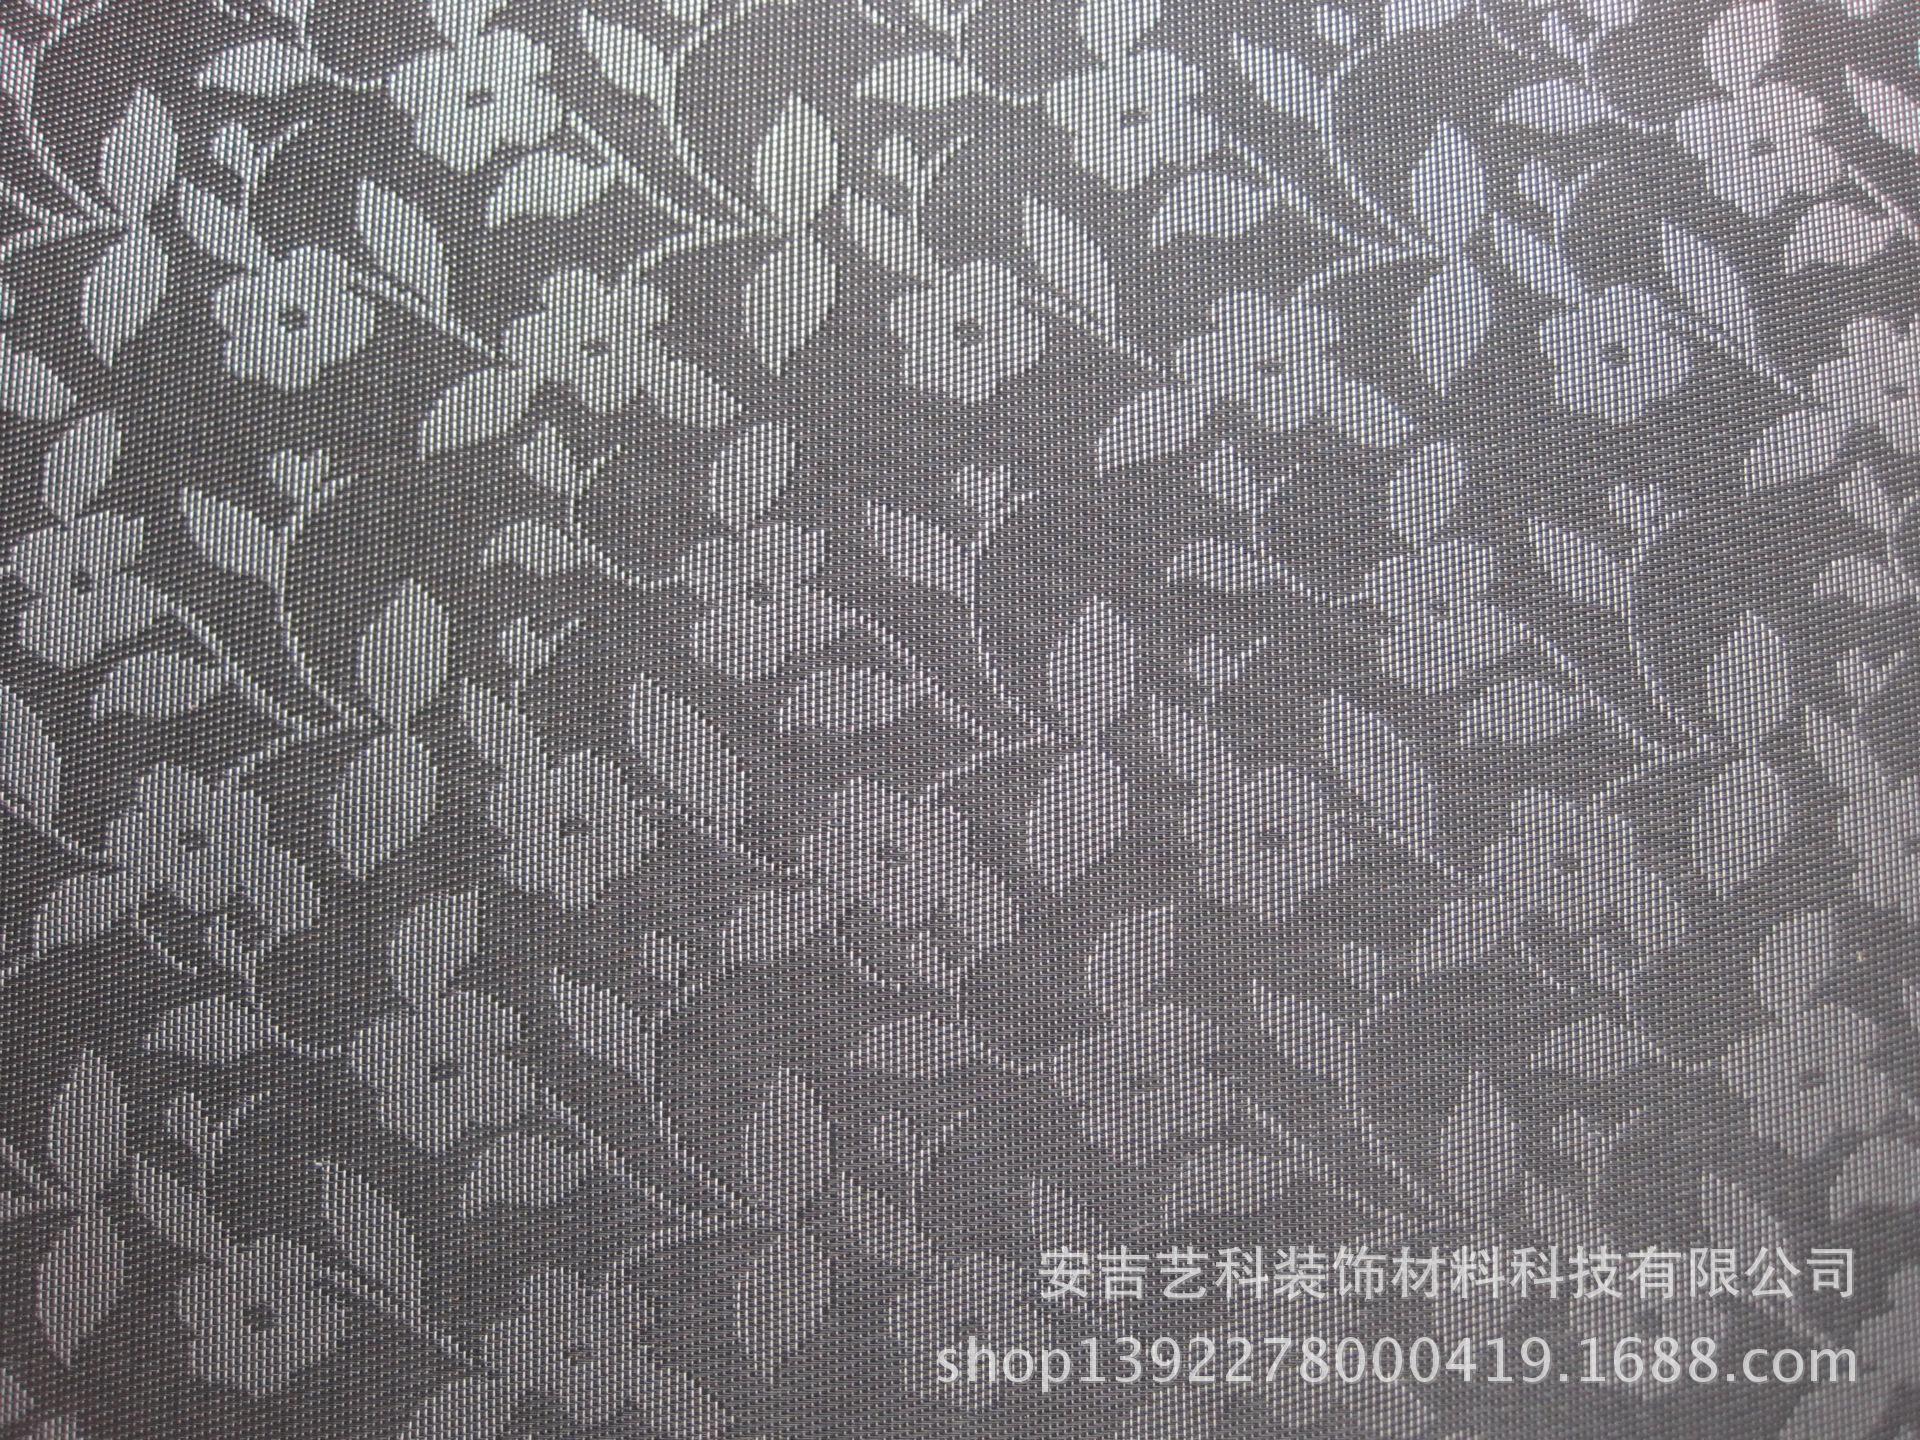 厂家直销pvc编织地毯,耐磨易于清洗